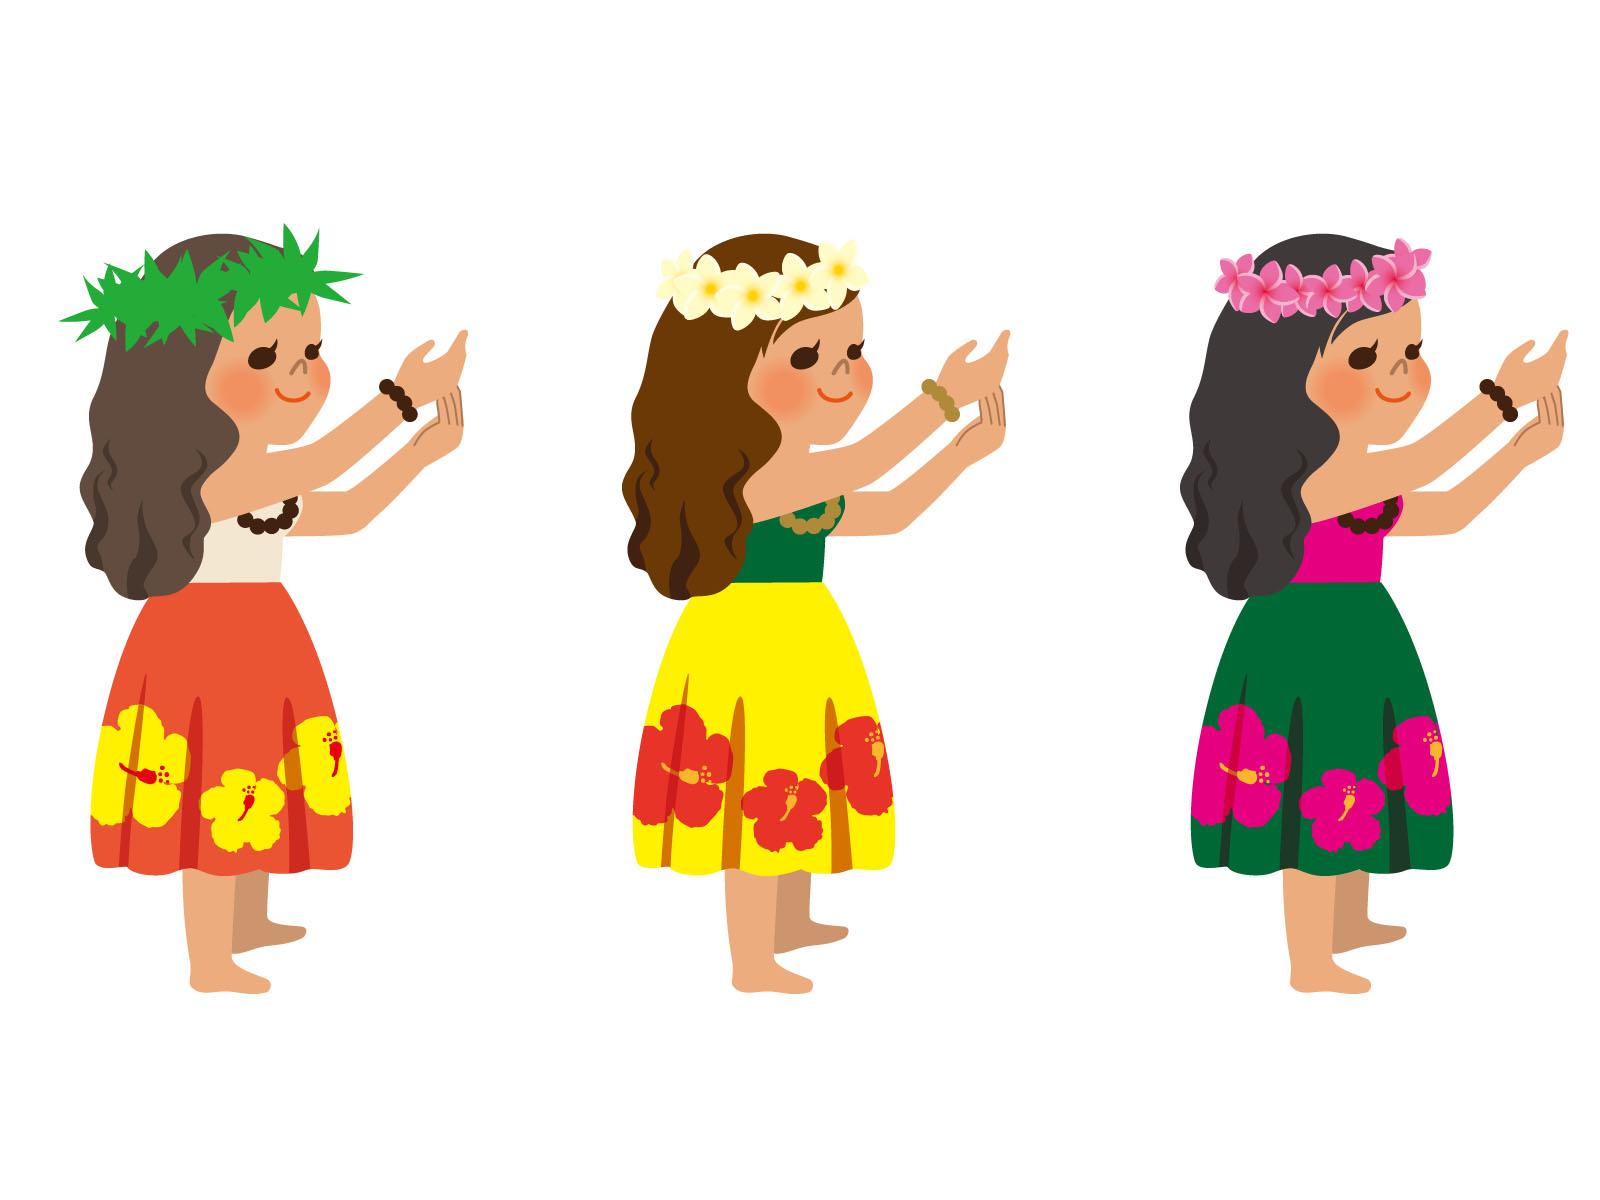 YouTube 【本場フラガールショー】ワイキキ、シェラトンプリンセスカイウラ二ホテルで週2回ほどやっているフラダンスショー【ハワイ・ワイキキ】